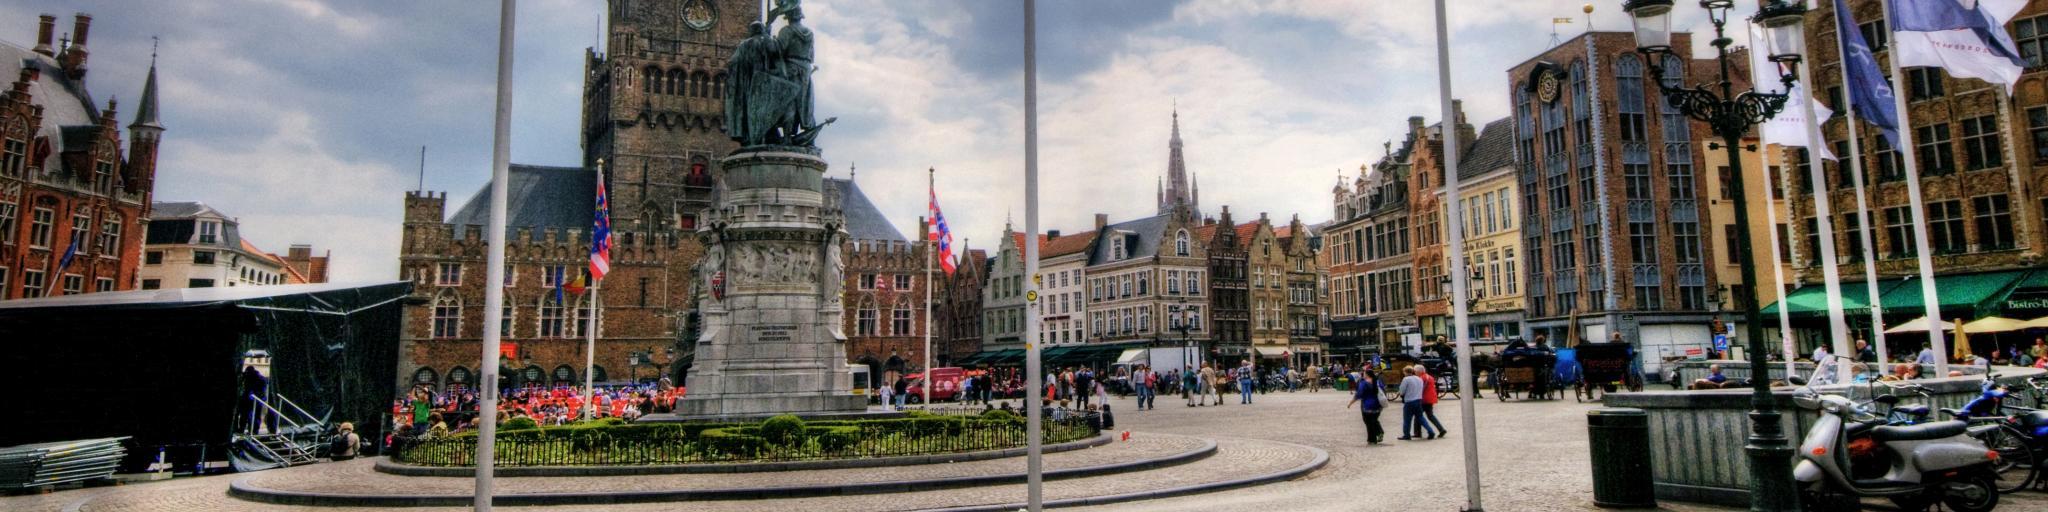 Belfry (Belfort) , Bruges, Belgium